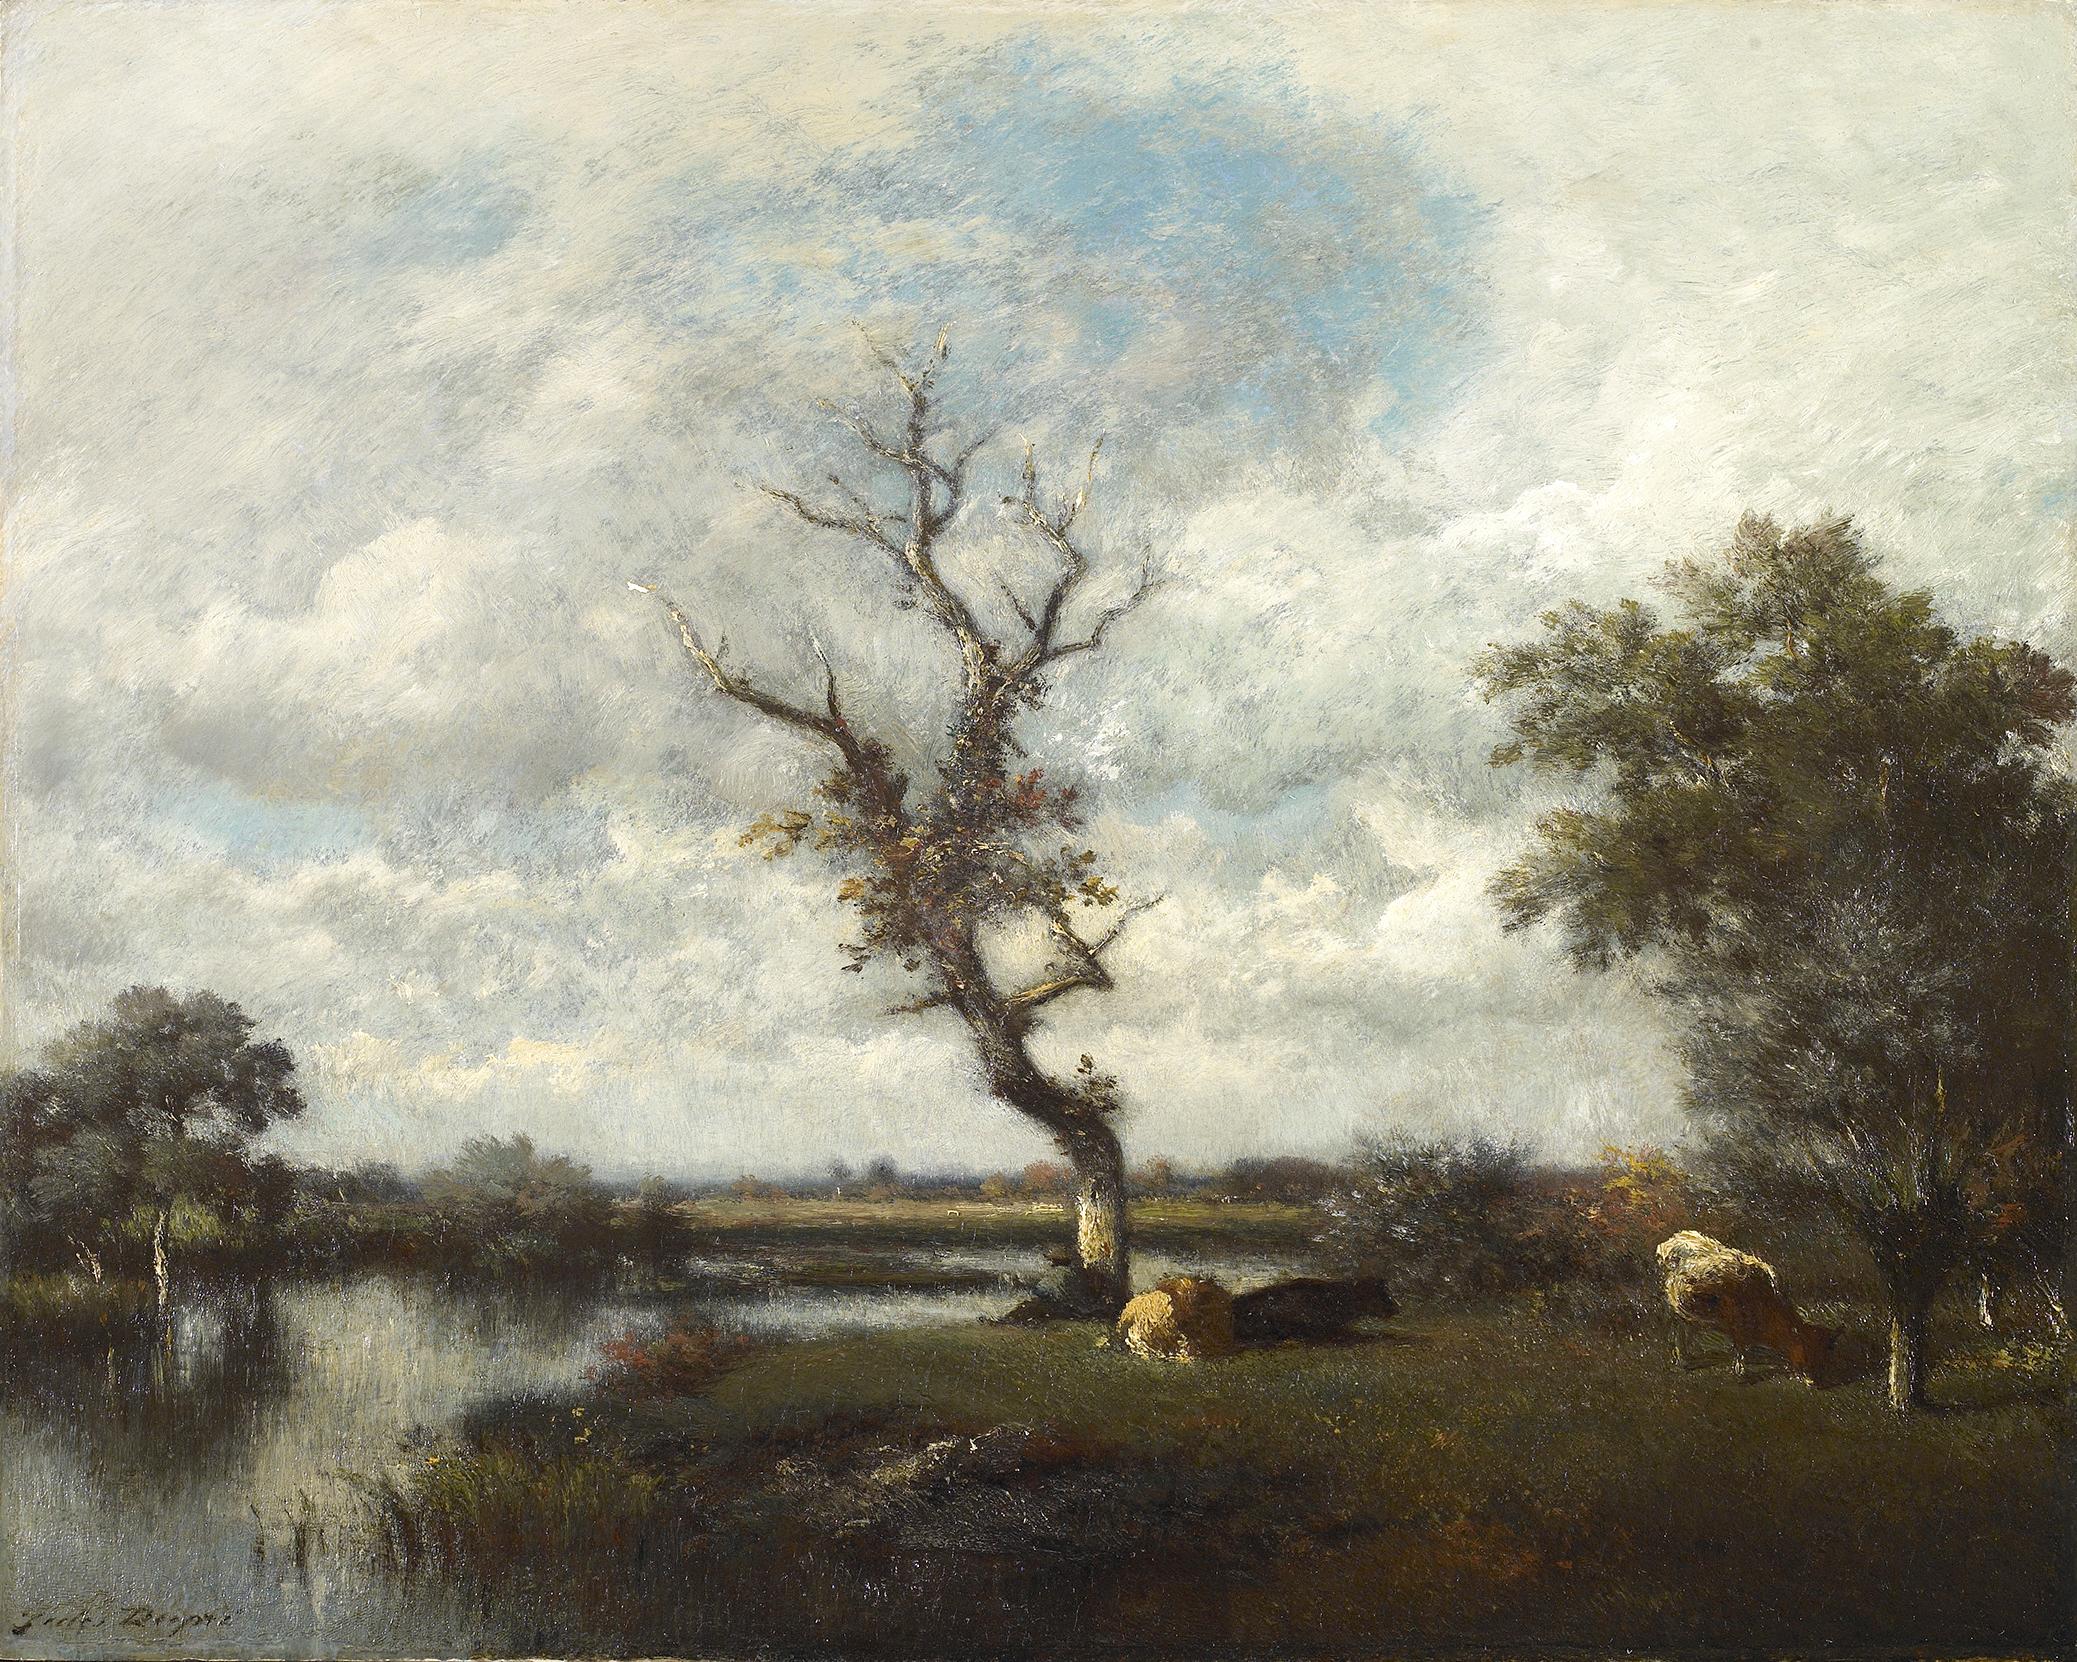 River, pastures near the Oise (Une Rivière – Pâturages près de l'Oise)